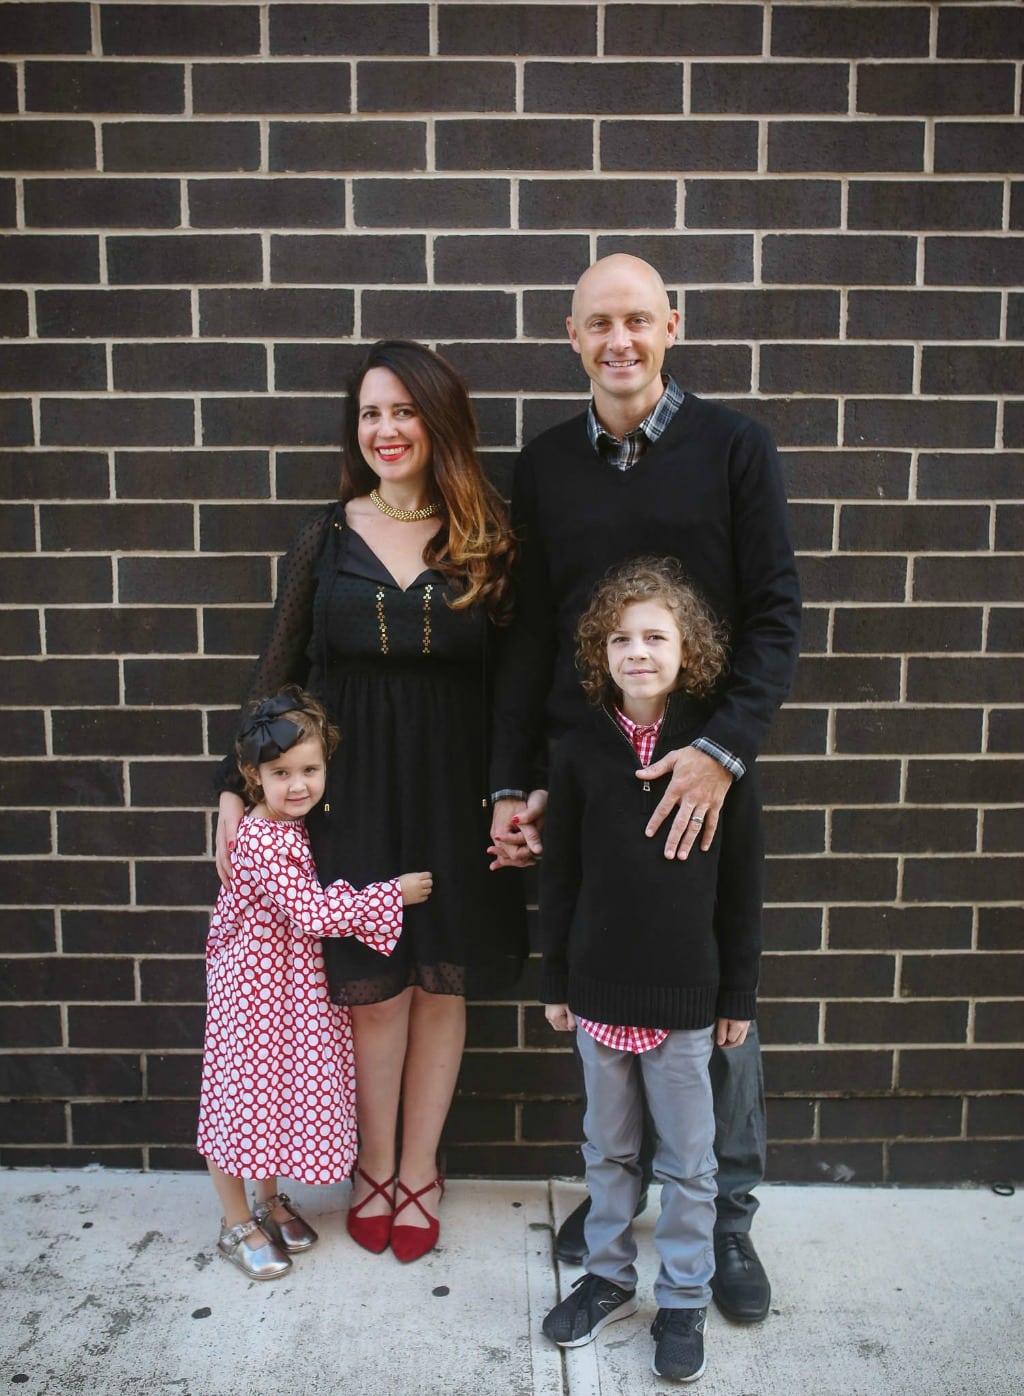 family photos shoot